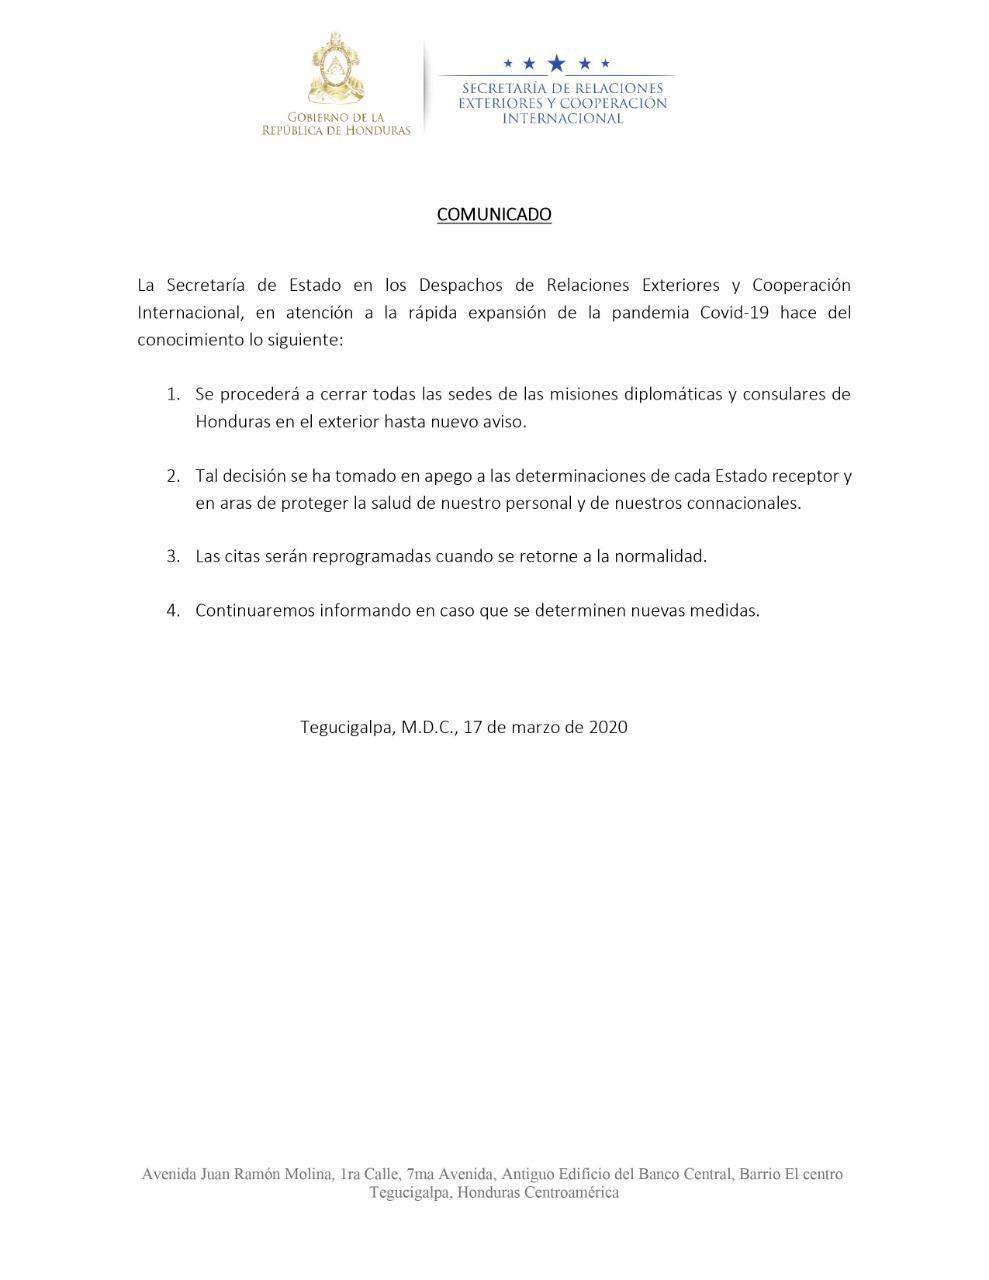 Honduras anuncia el cierre de todas sus embajadas